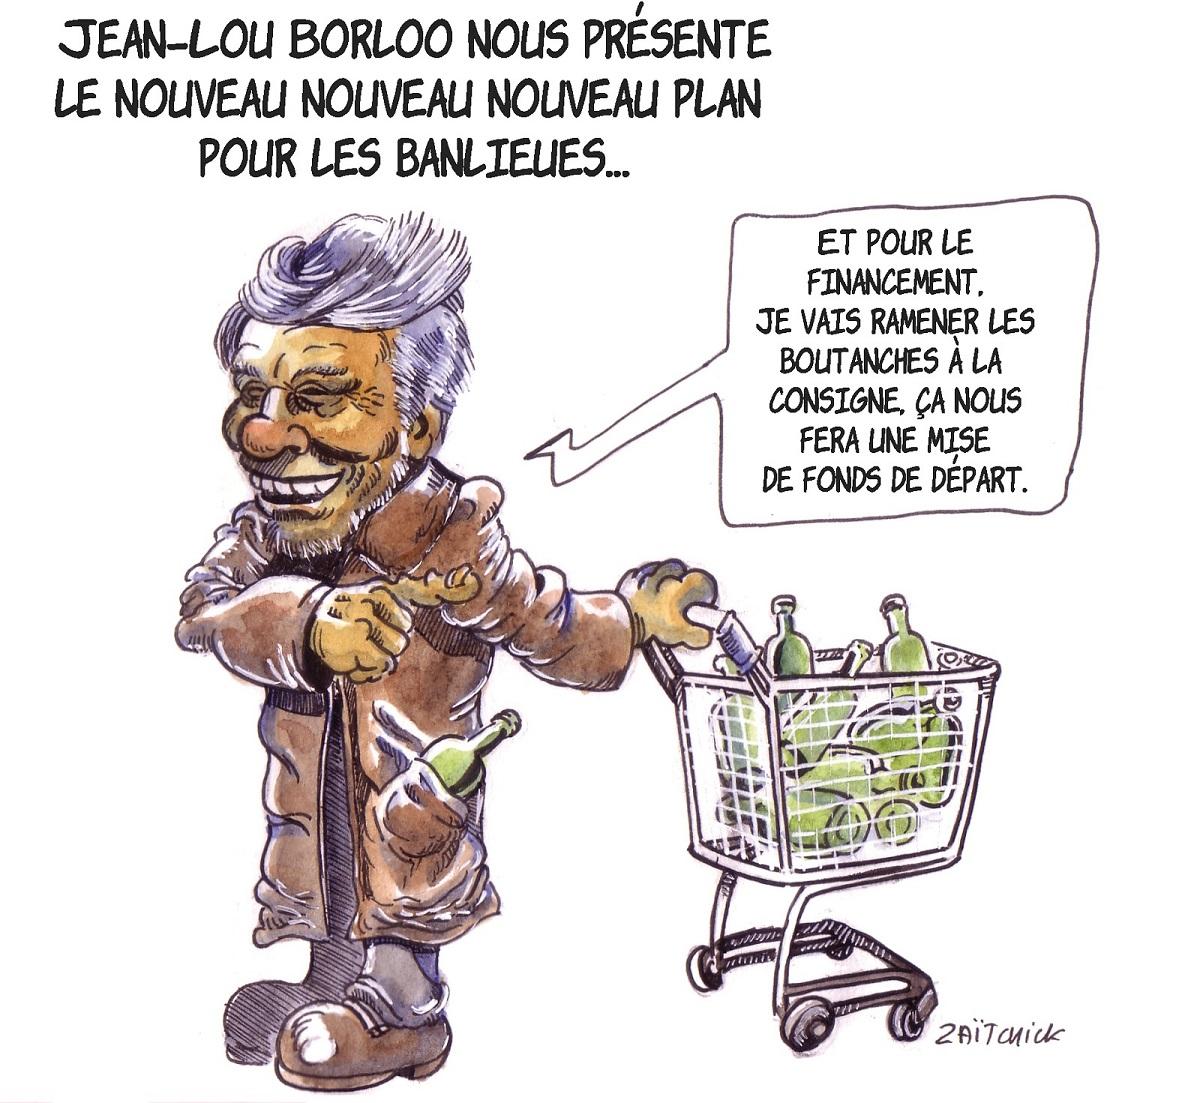 dessin d'actualité illustrant le nouveau plan Banlieue de Jean-Louis Borloo